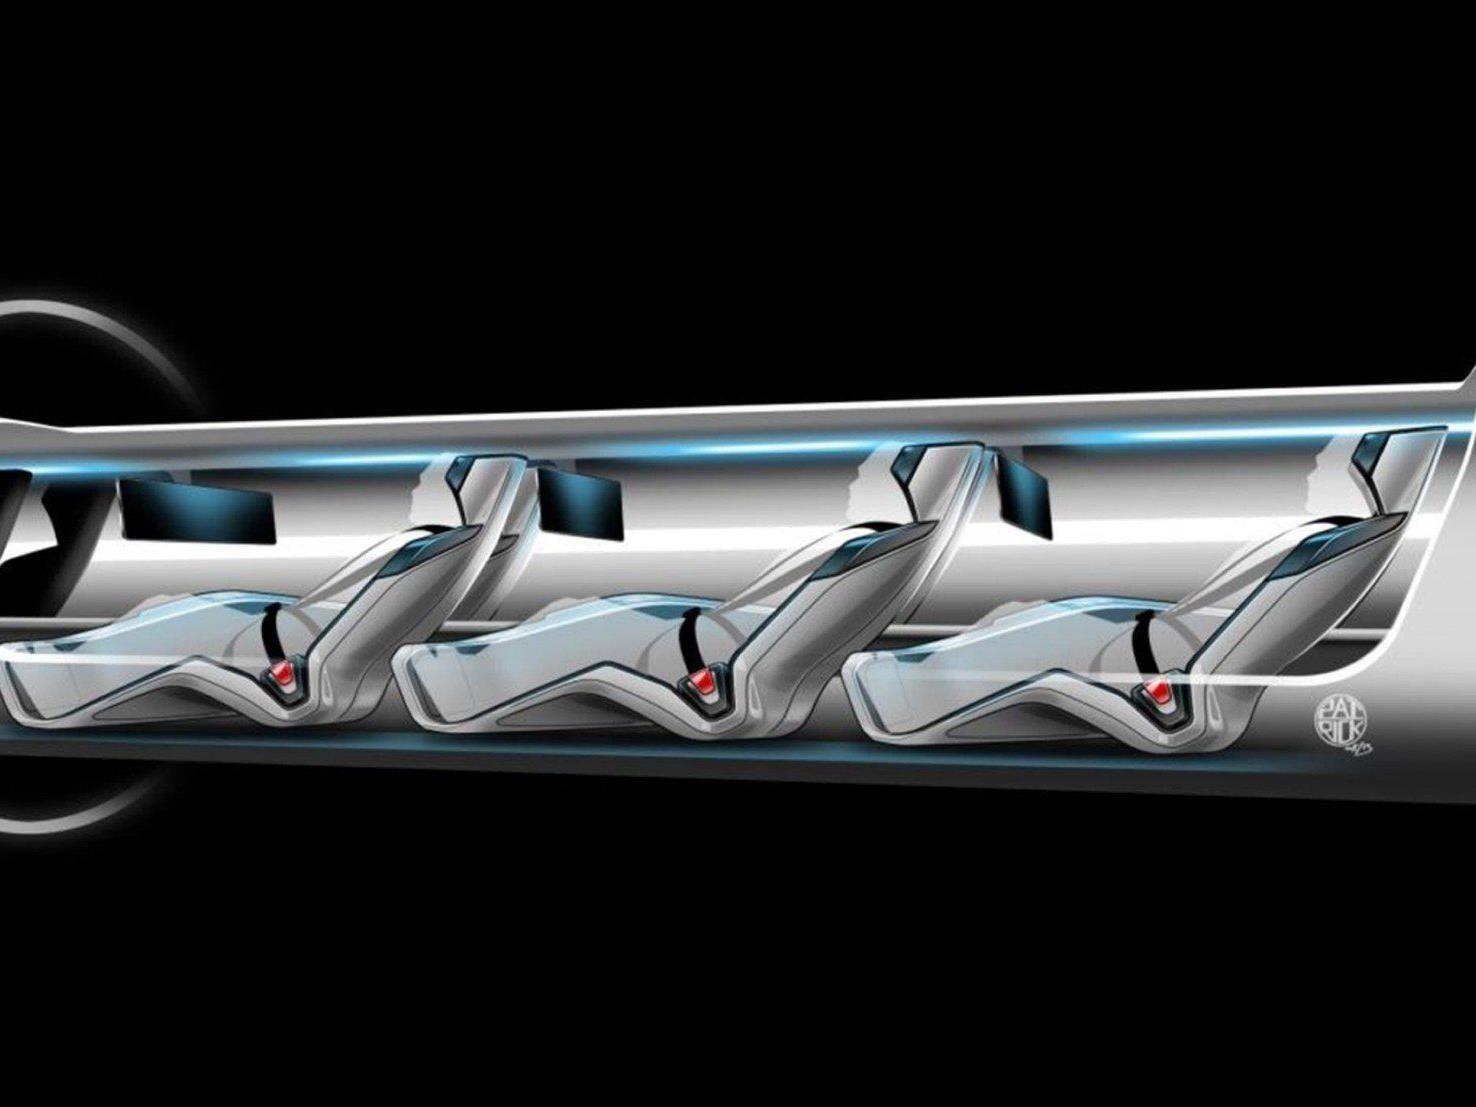 Erdbeben, Geld, Übergewicht - Die Entwicklung des Hyperloops steht schon jetzt vor einigen Problemen.